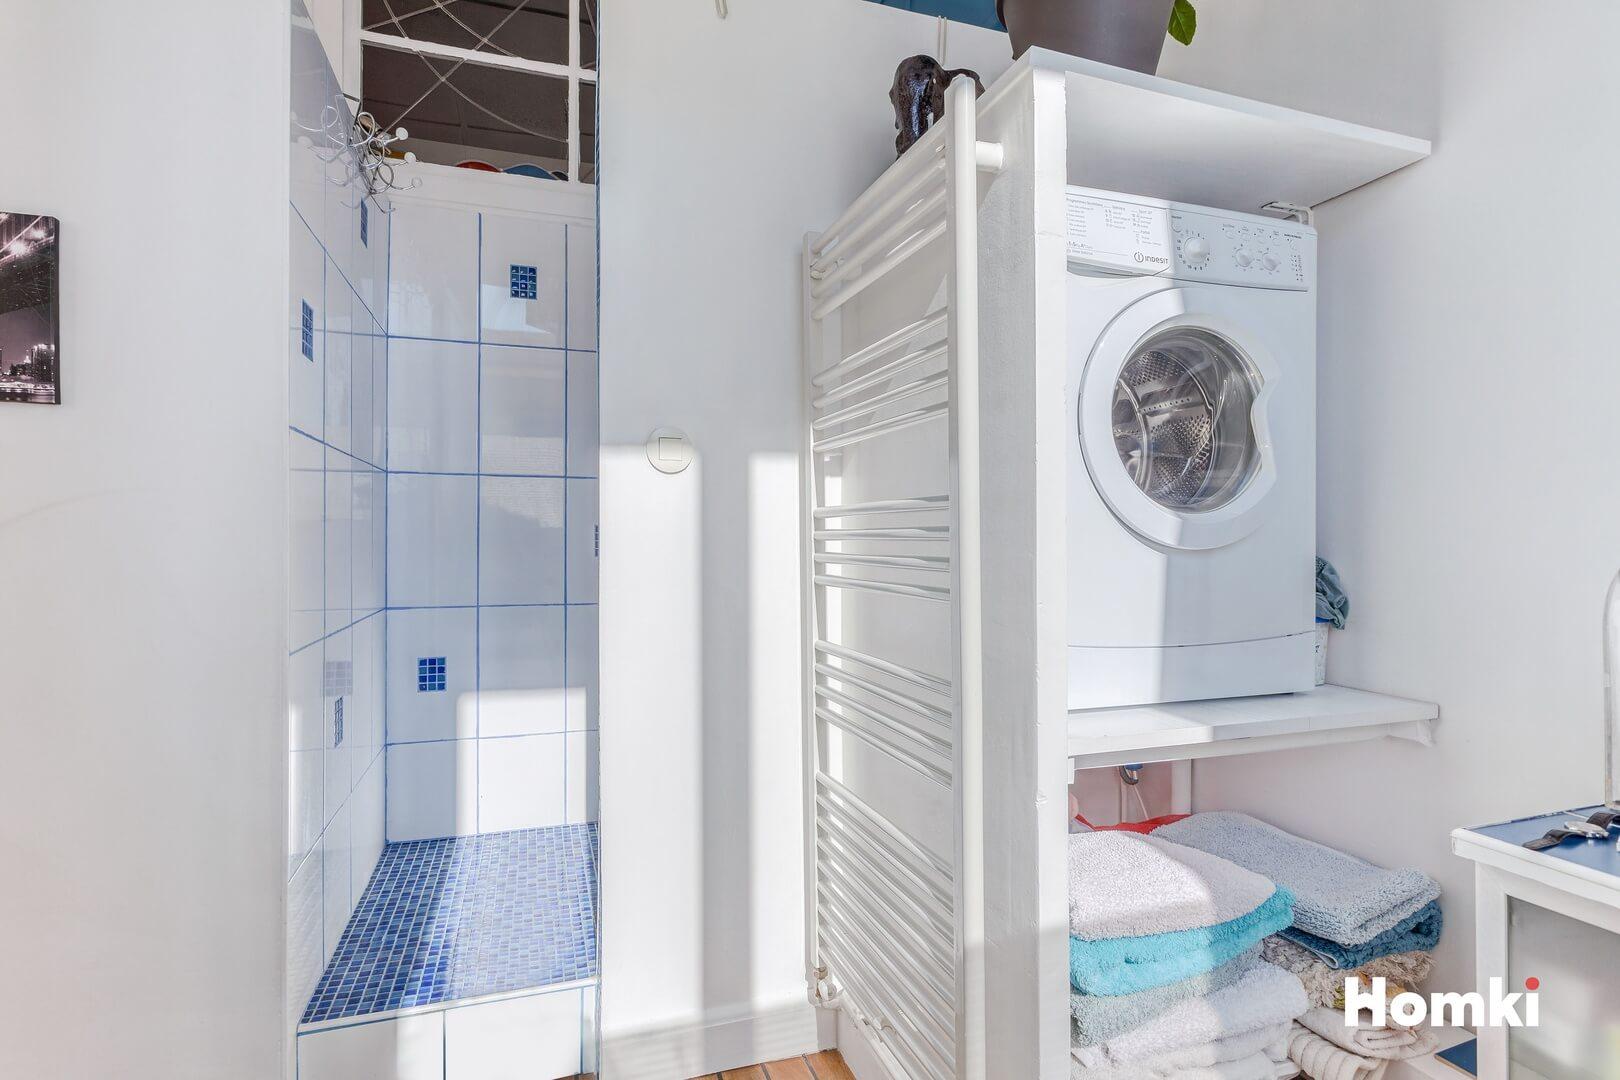 Homki - Vente Appartement  de 53.0 m² à Lyon 69007